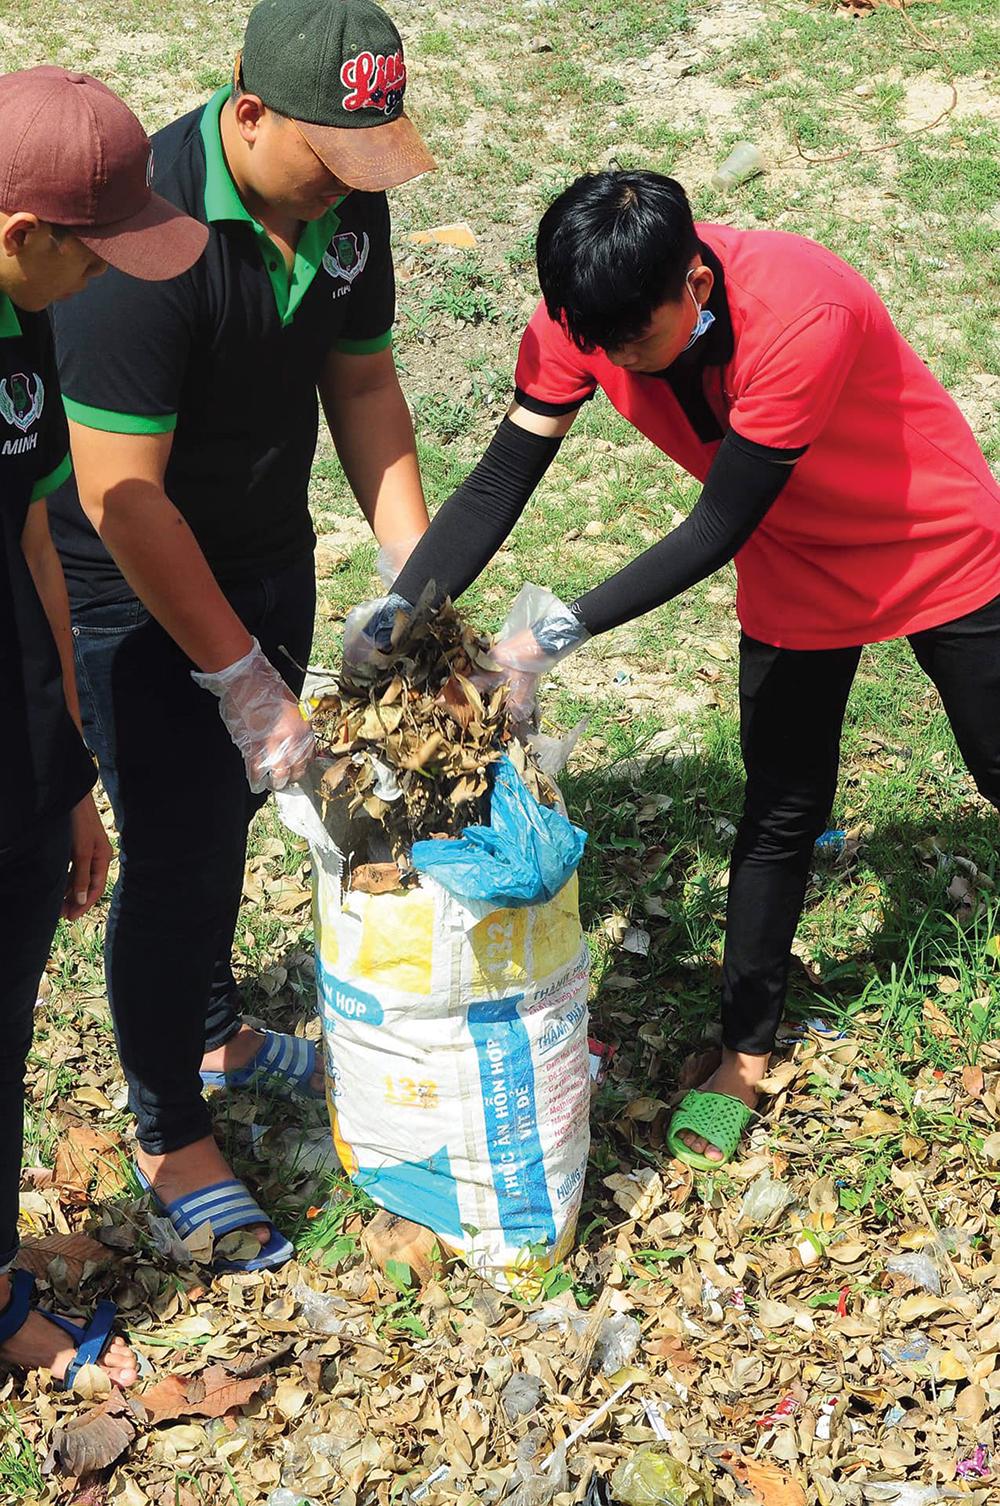 Cùng nhặt rác bảo vệ môi trường